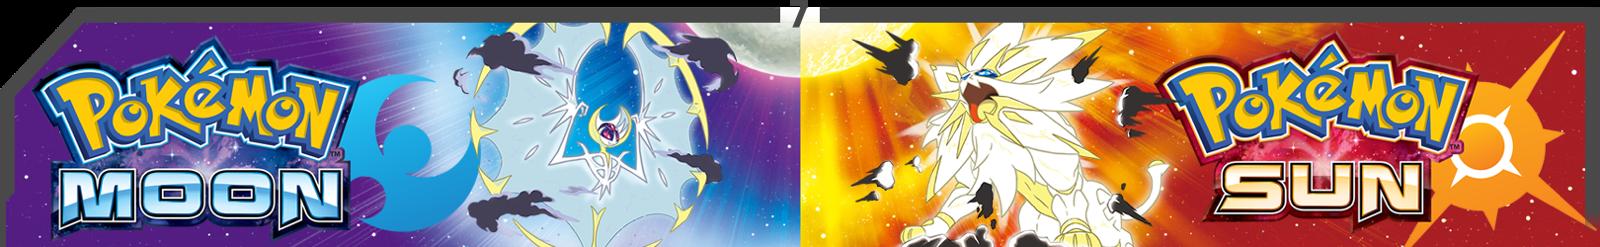 GPN-7-Pokemon_sun_moon